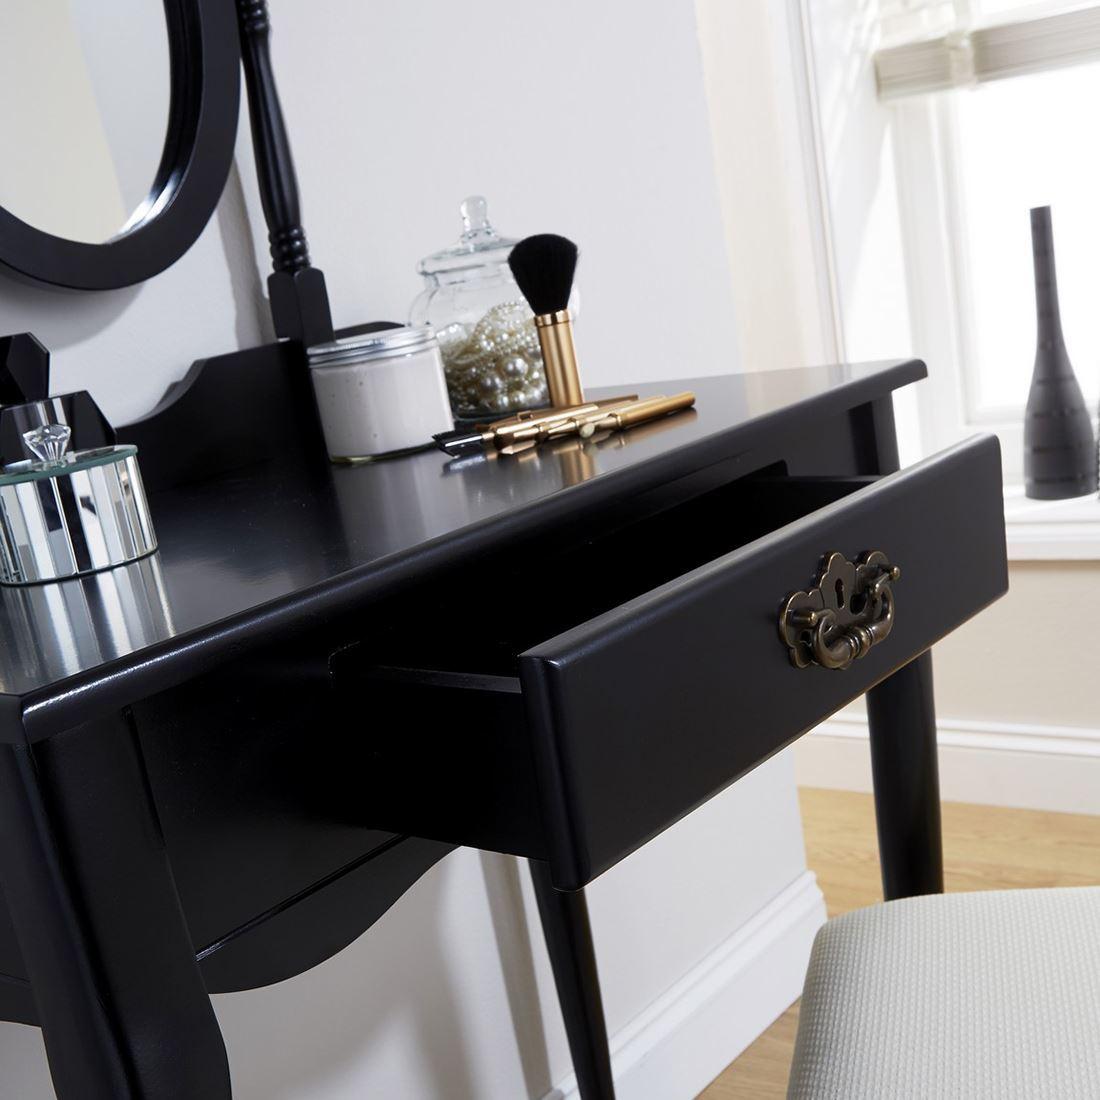 Makeup Dresser Queen Anne Style Dressing Table Set Makeup Dresser Desk Fabric